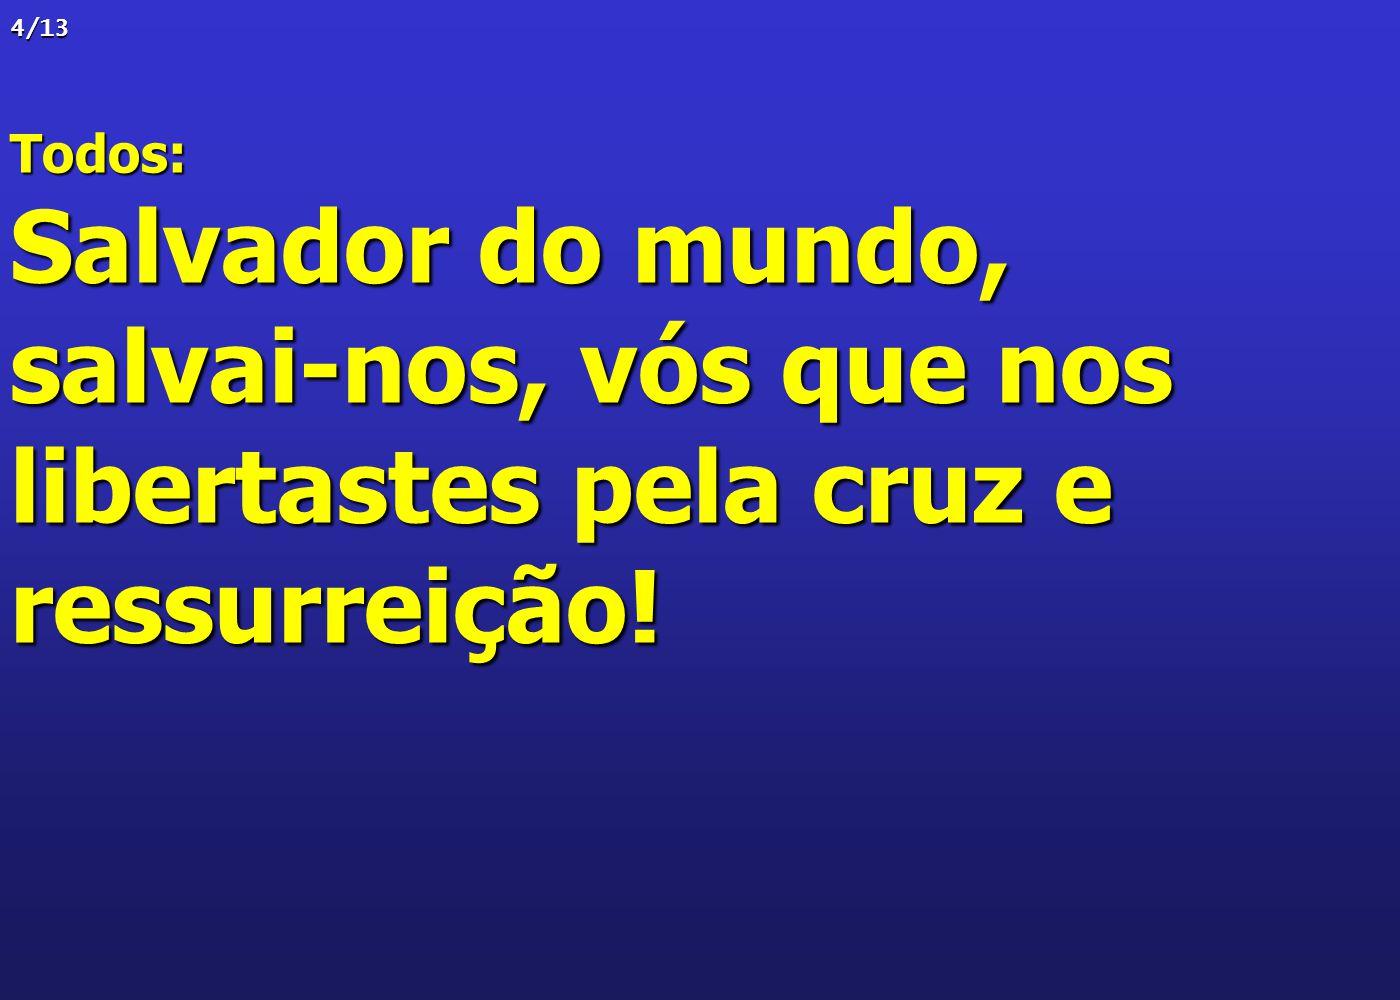 4/13Todos: Salvador do mundo, salvai-nos, vós que nos libertastes pela cruz e ressurreição!